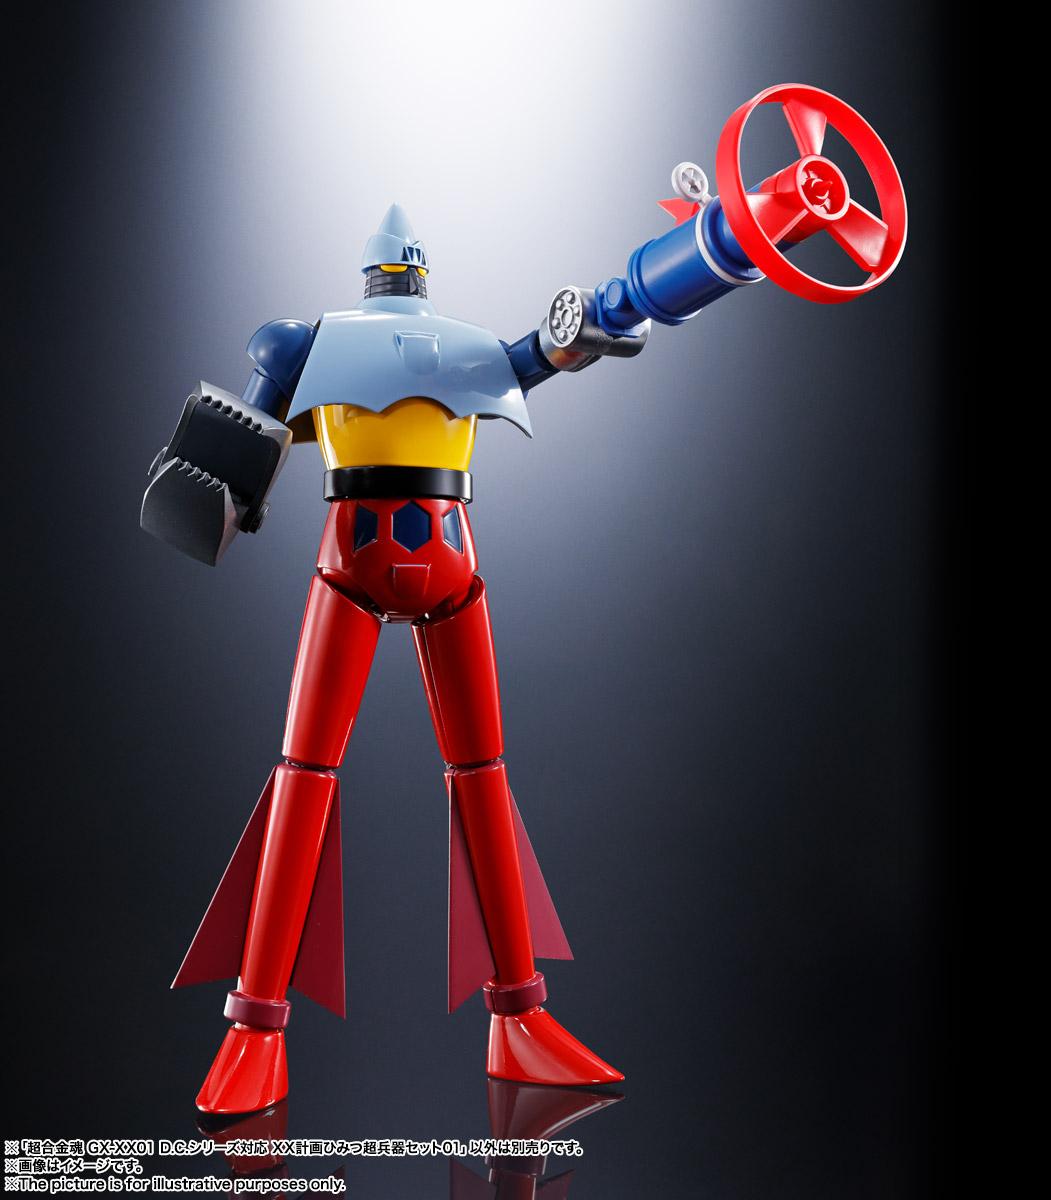 超合金魂『GX-XX01 D.C.シリーズ対応 XX計画ひみつ超兵器セット01』可動フィギュア-012